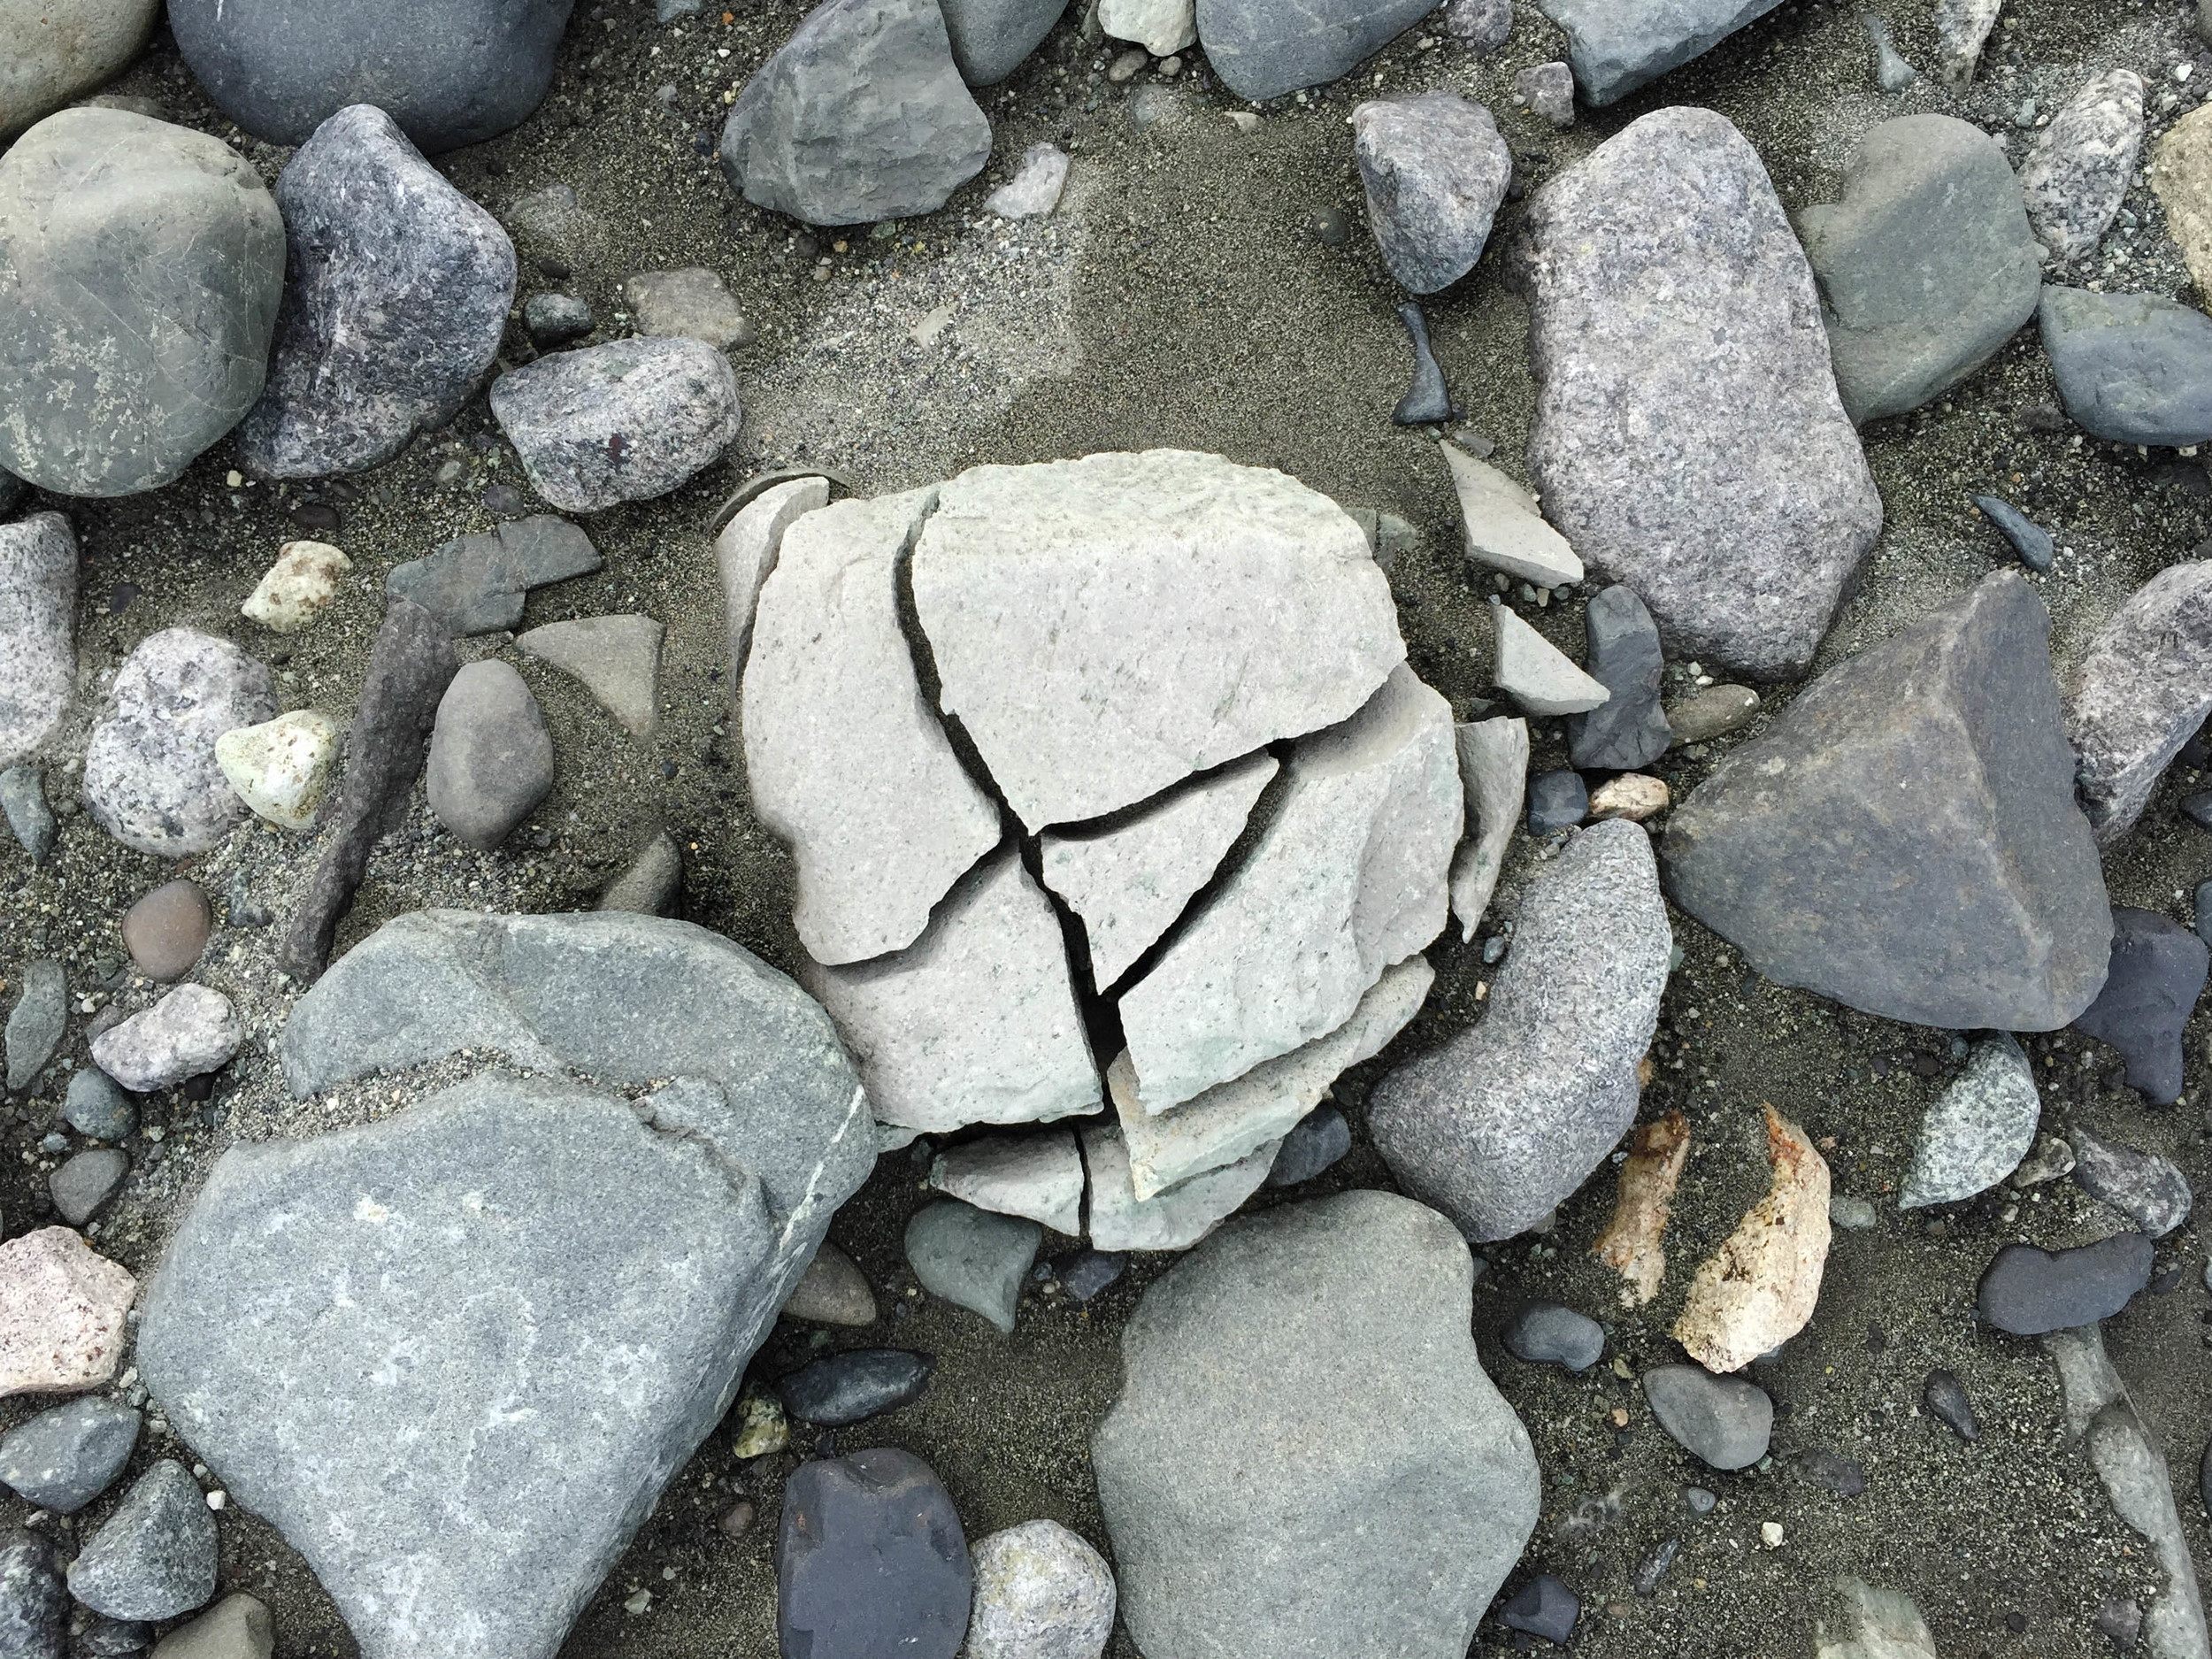 glacier_rock-32.jpg